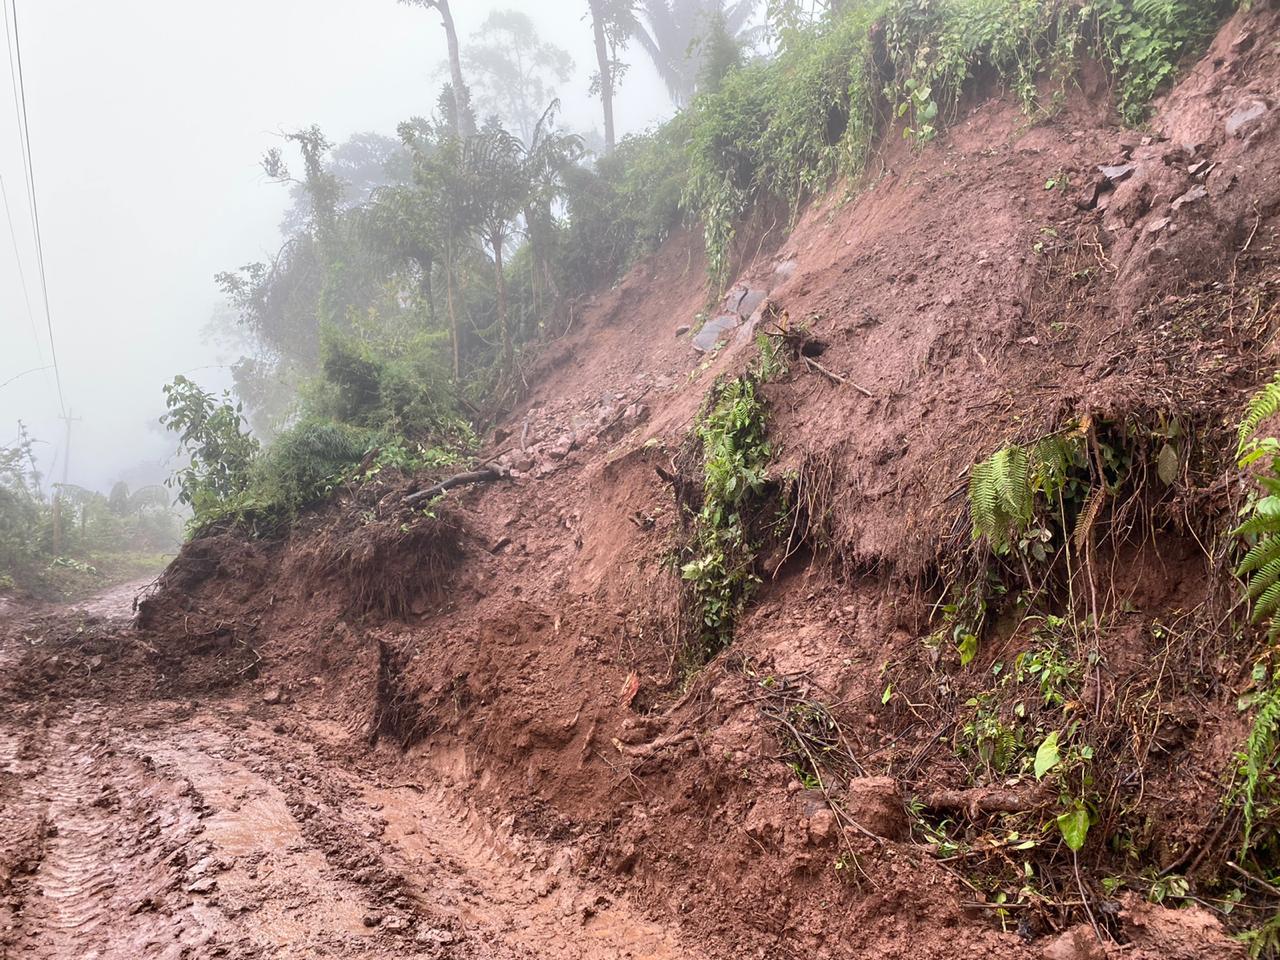 El temor de las autoridades de Gestión del Riesgo es que los deslizamientos de tierra generen una avalancha. Cortesía/EL PILÓN